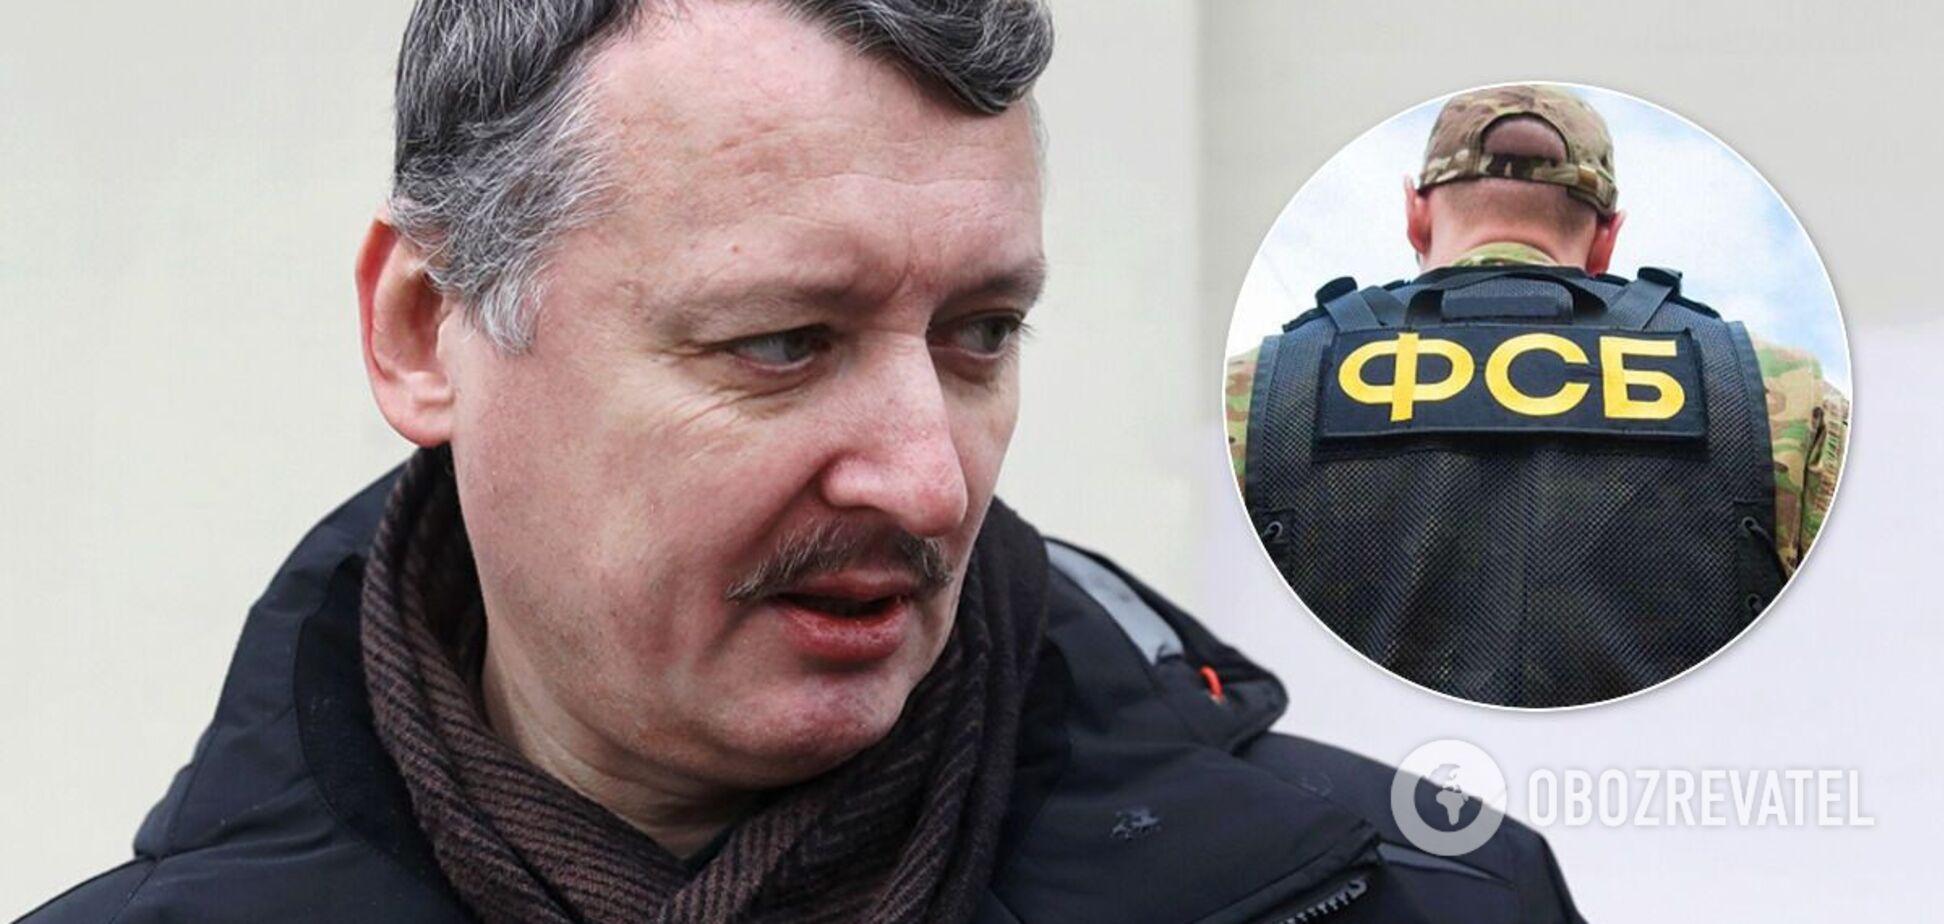 Гиркин признался, что генералы ФСБ сколотили состояния на Донбассе. Видео